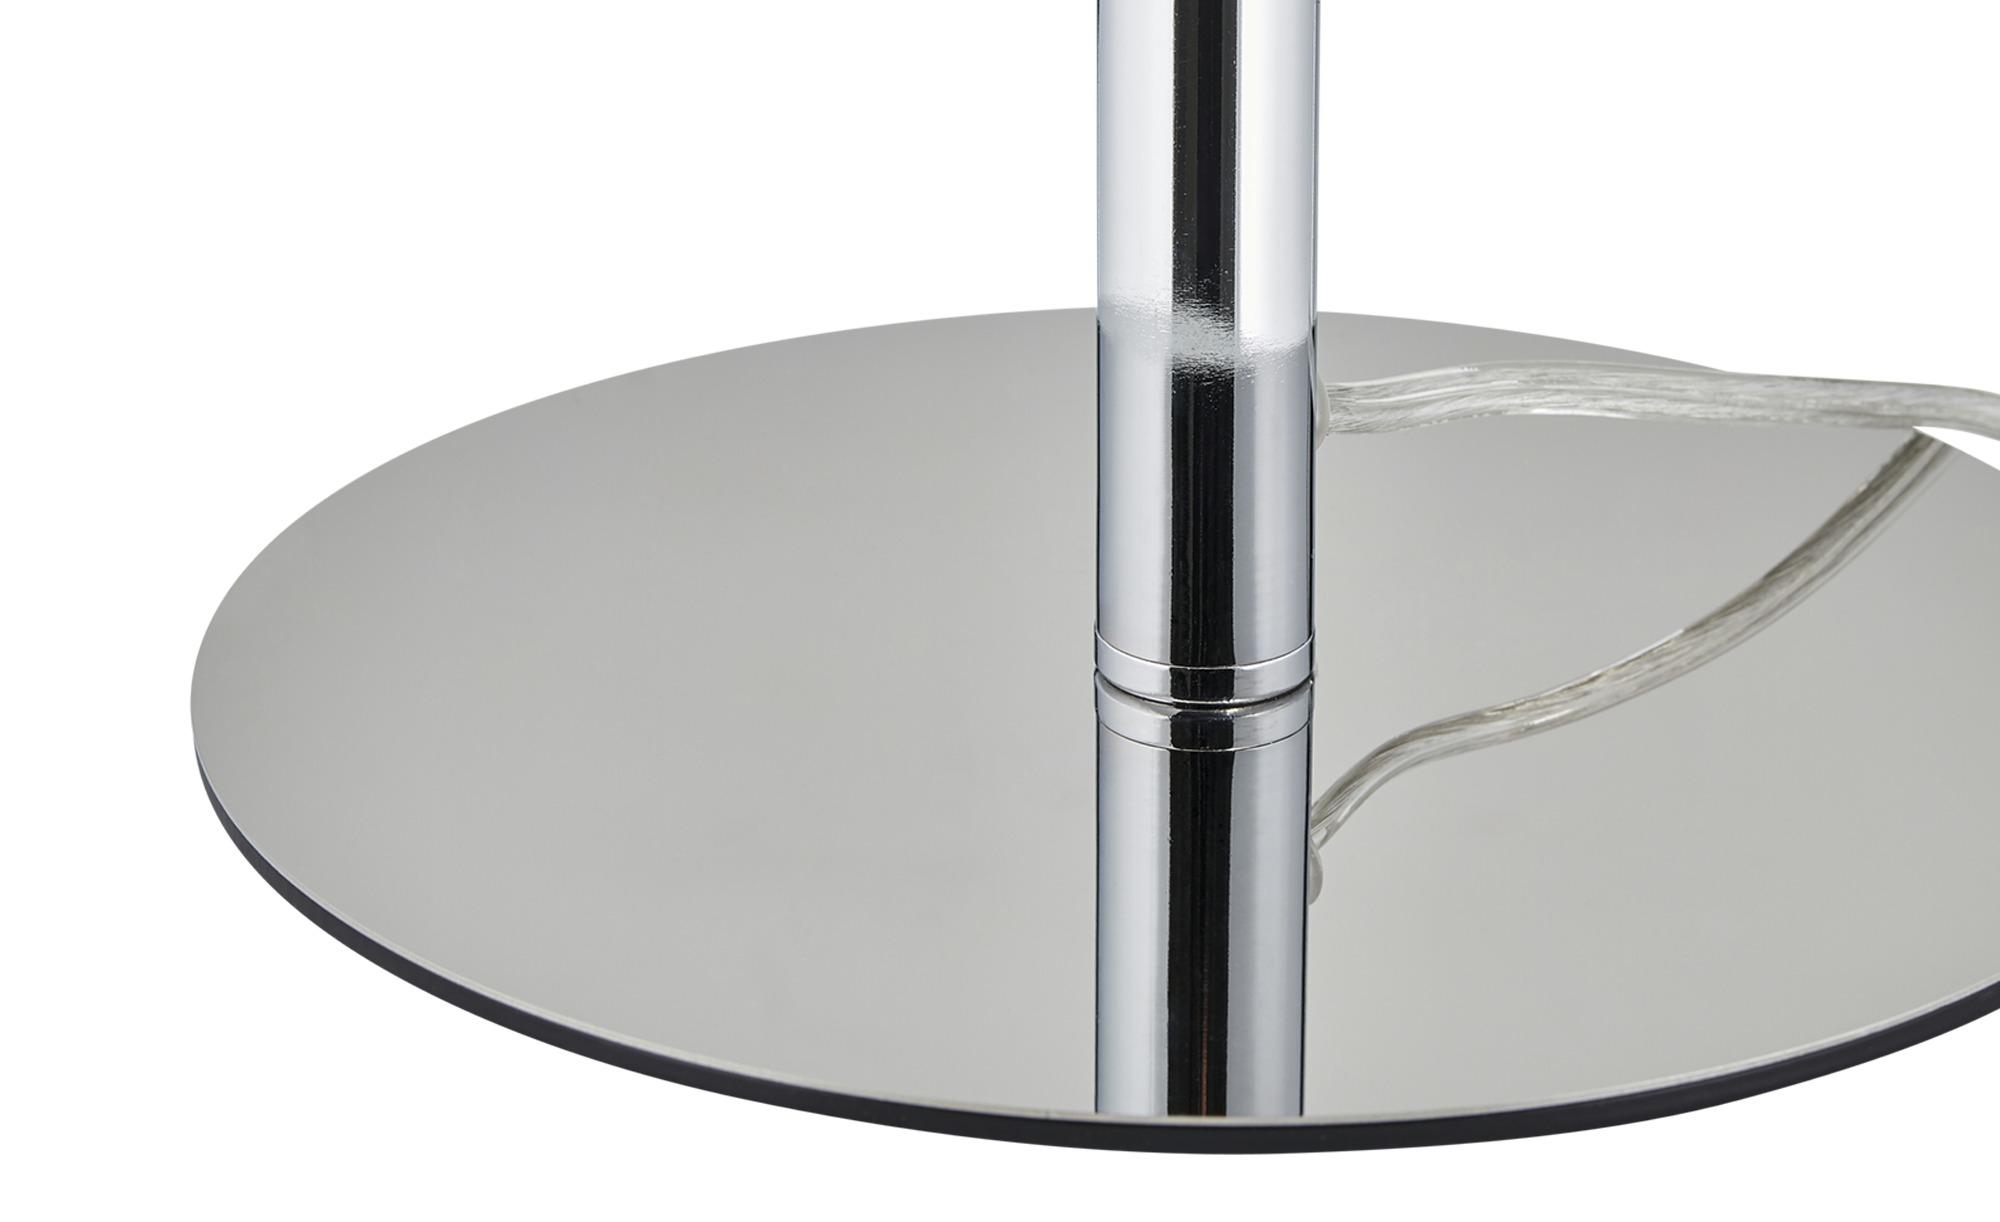 ML Tischleuchte, 1-flammig, Chrom, Glaskugel ¦ silber ¦ Maße (cm): B: 25 H: 47 Lampen & Leuchten > Innenleuchten > Tischlampen - Höffner